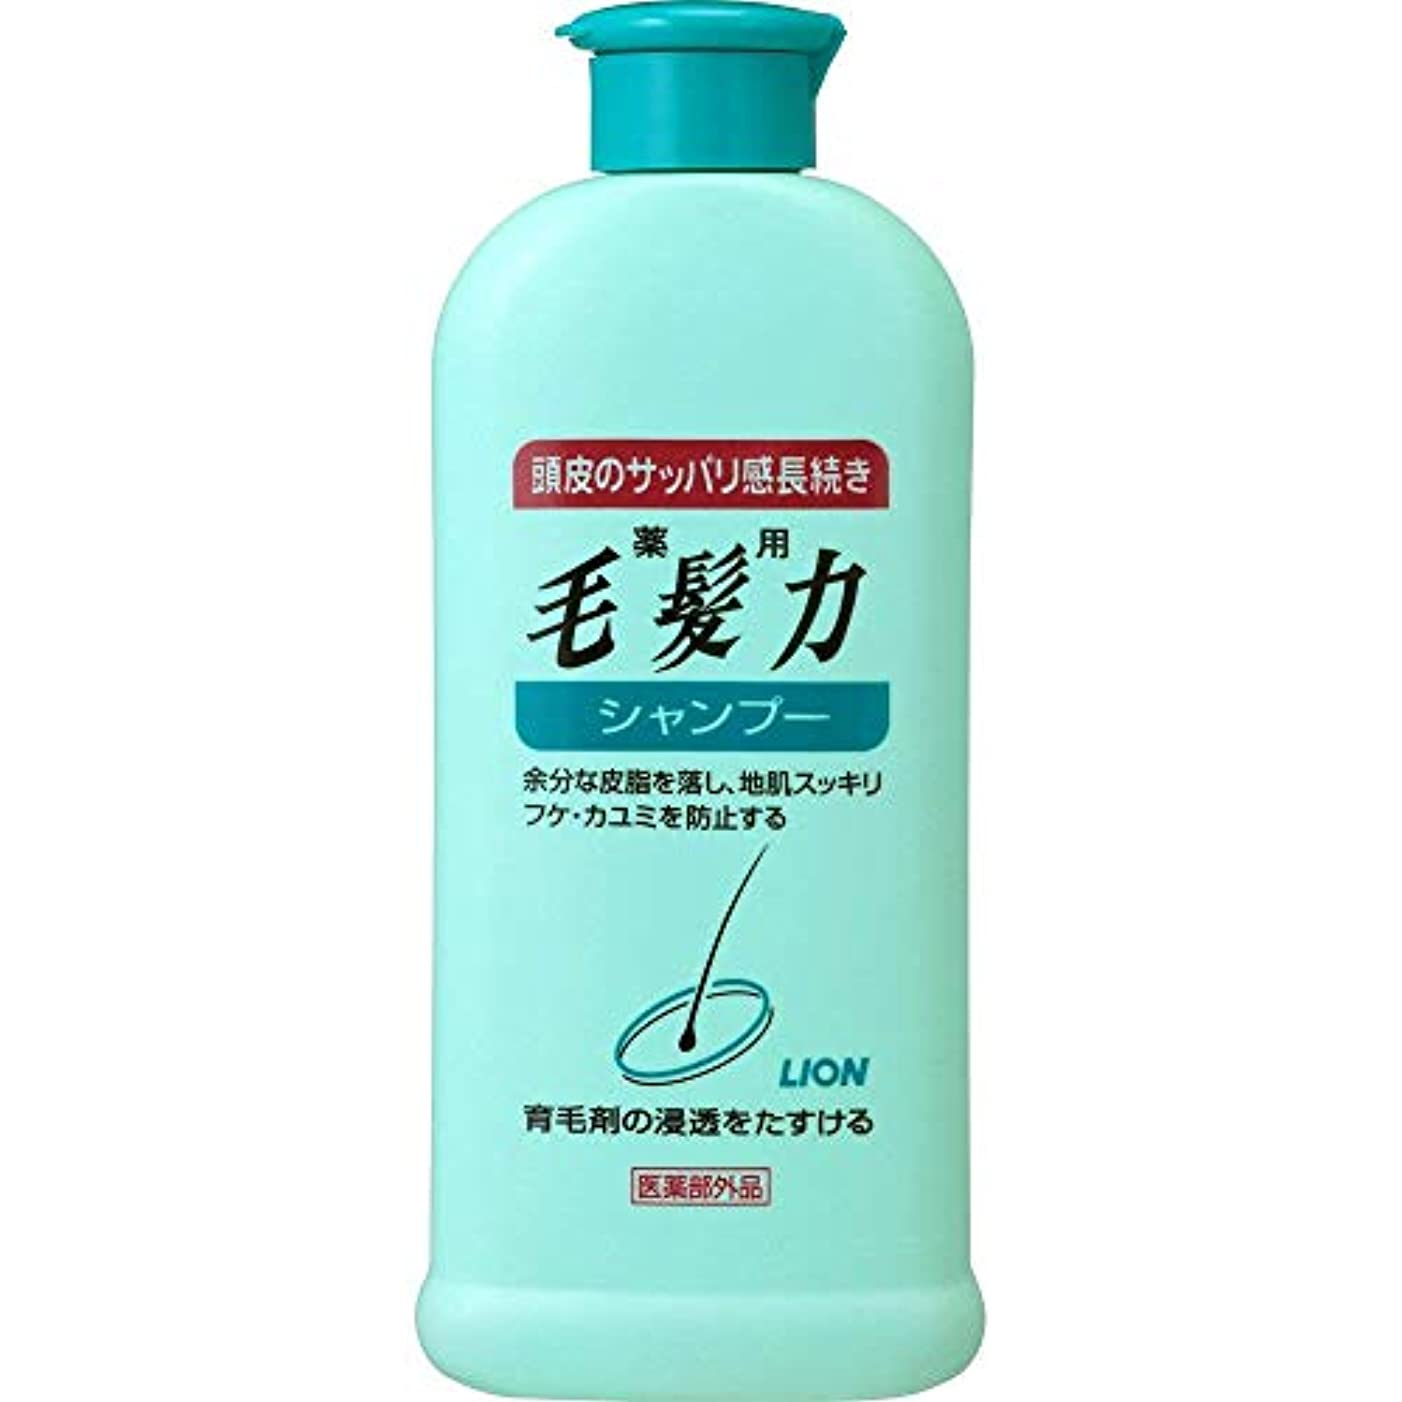 上院議員花火プール【まとめ買い】薬用毛髪力 シャンプー 200ml ×2セット